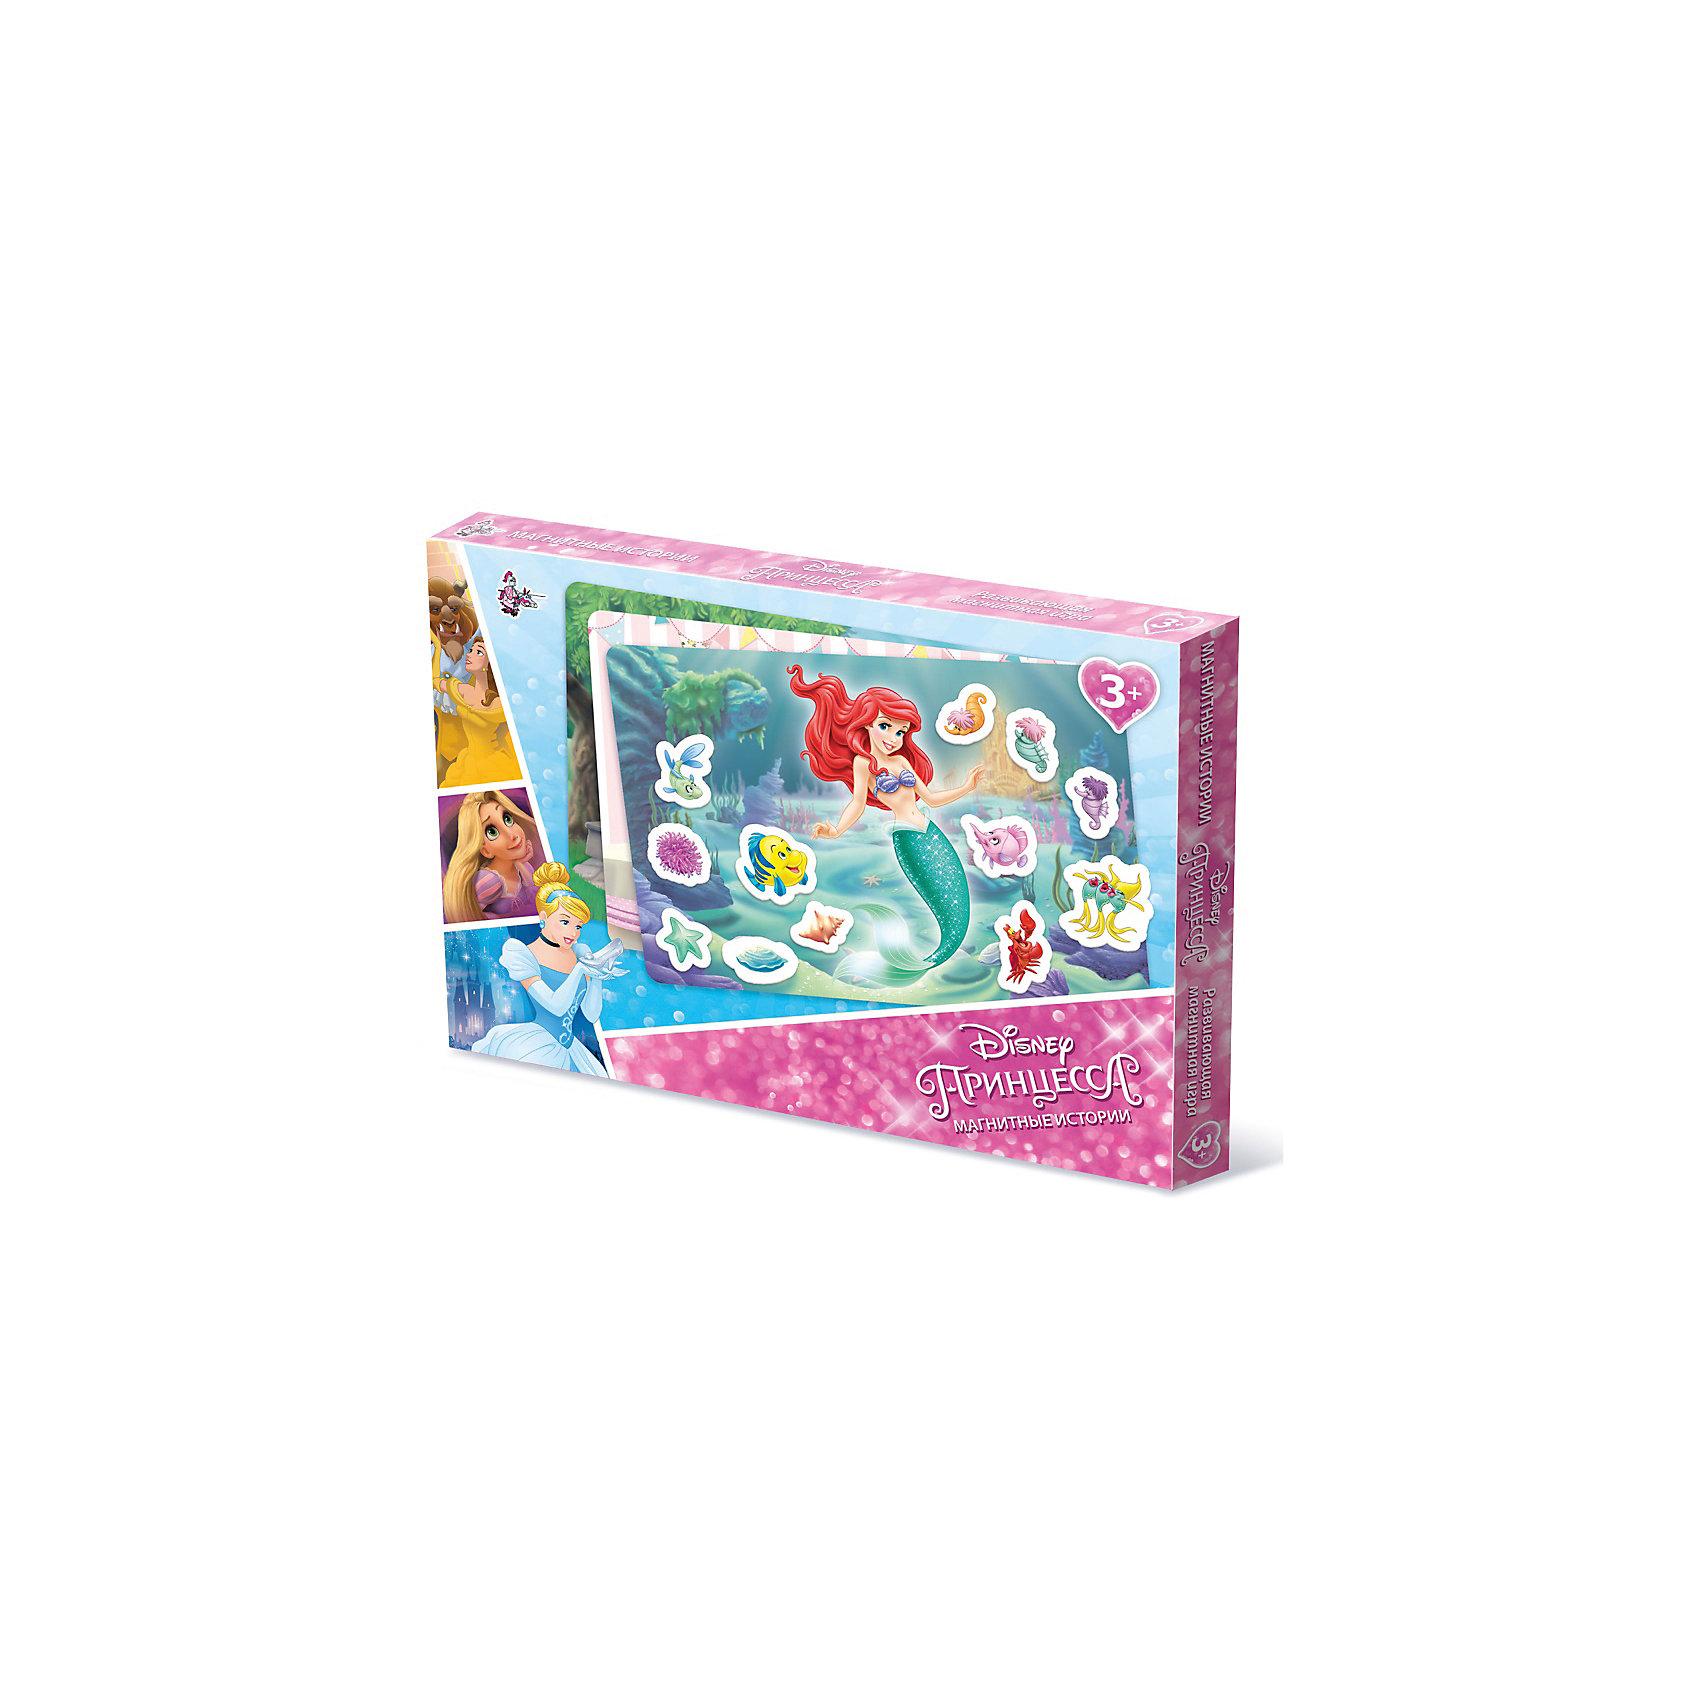 Игра Магнитные истории Принцессы Дисней, Десятое королевствоРазвивающие игры<br>Игра Магнитные истории Принцессы Дисней, Десятое королевство<br><br>Характеристики: <br><br>• Возраст: от 5 лет<br>• Материал: пенополистирол<br>• В комплекте: магнитная доска, фишки-магниты <br><br>Эта игрушка подойдет для детей от 3 до 7 лет и позволит им развить конструкторские навыки, мелкую моторику и воображение. В наборе содержатся фишки разной геометрической формы, из которых можно создавать различные картинки с принцессами диснея. <br><br>Фишки выполнены на магнитной основе, для большего удобства вашего малыша. В комплекте содержится фишки разных цветов, выполненных из приятного на ощупь материала. <br><br>Игра Магнитные истории Принцессы Дисней, Десятое королевство можно купить в нашем интернет-магазине.<br><br>Ширина мм: 364<br>Глубина мм: 263<br>Высота мм: 34<br>Вес г: 616<br>Возраст от месяцев: 60<br>Возраст до месяцев: 84<br>Пол: Женский<br>Возраст: Детский<br>SKU: 5473743